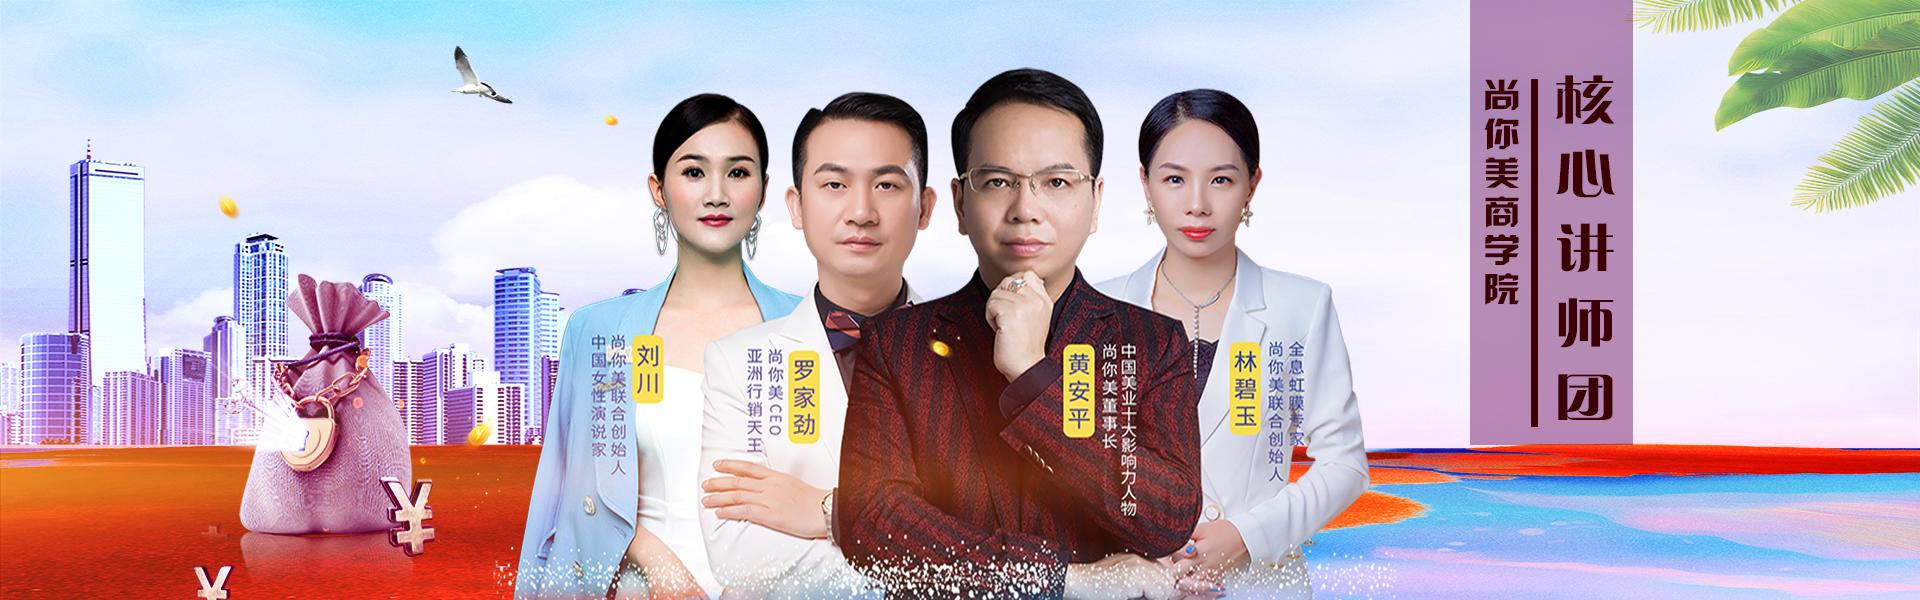 商学院美容院拓客讲师培训团banner图片